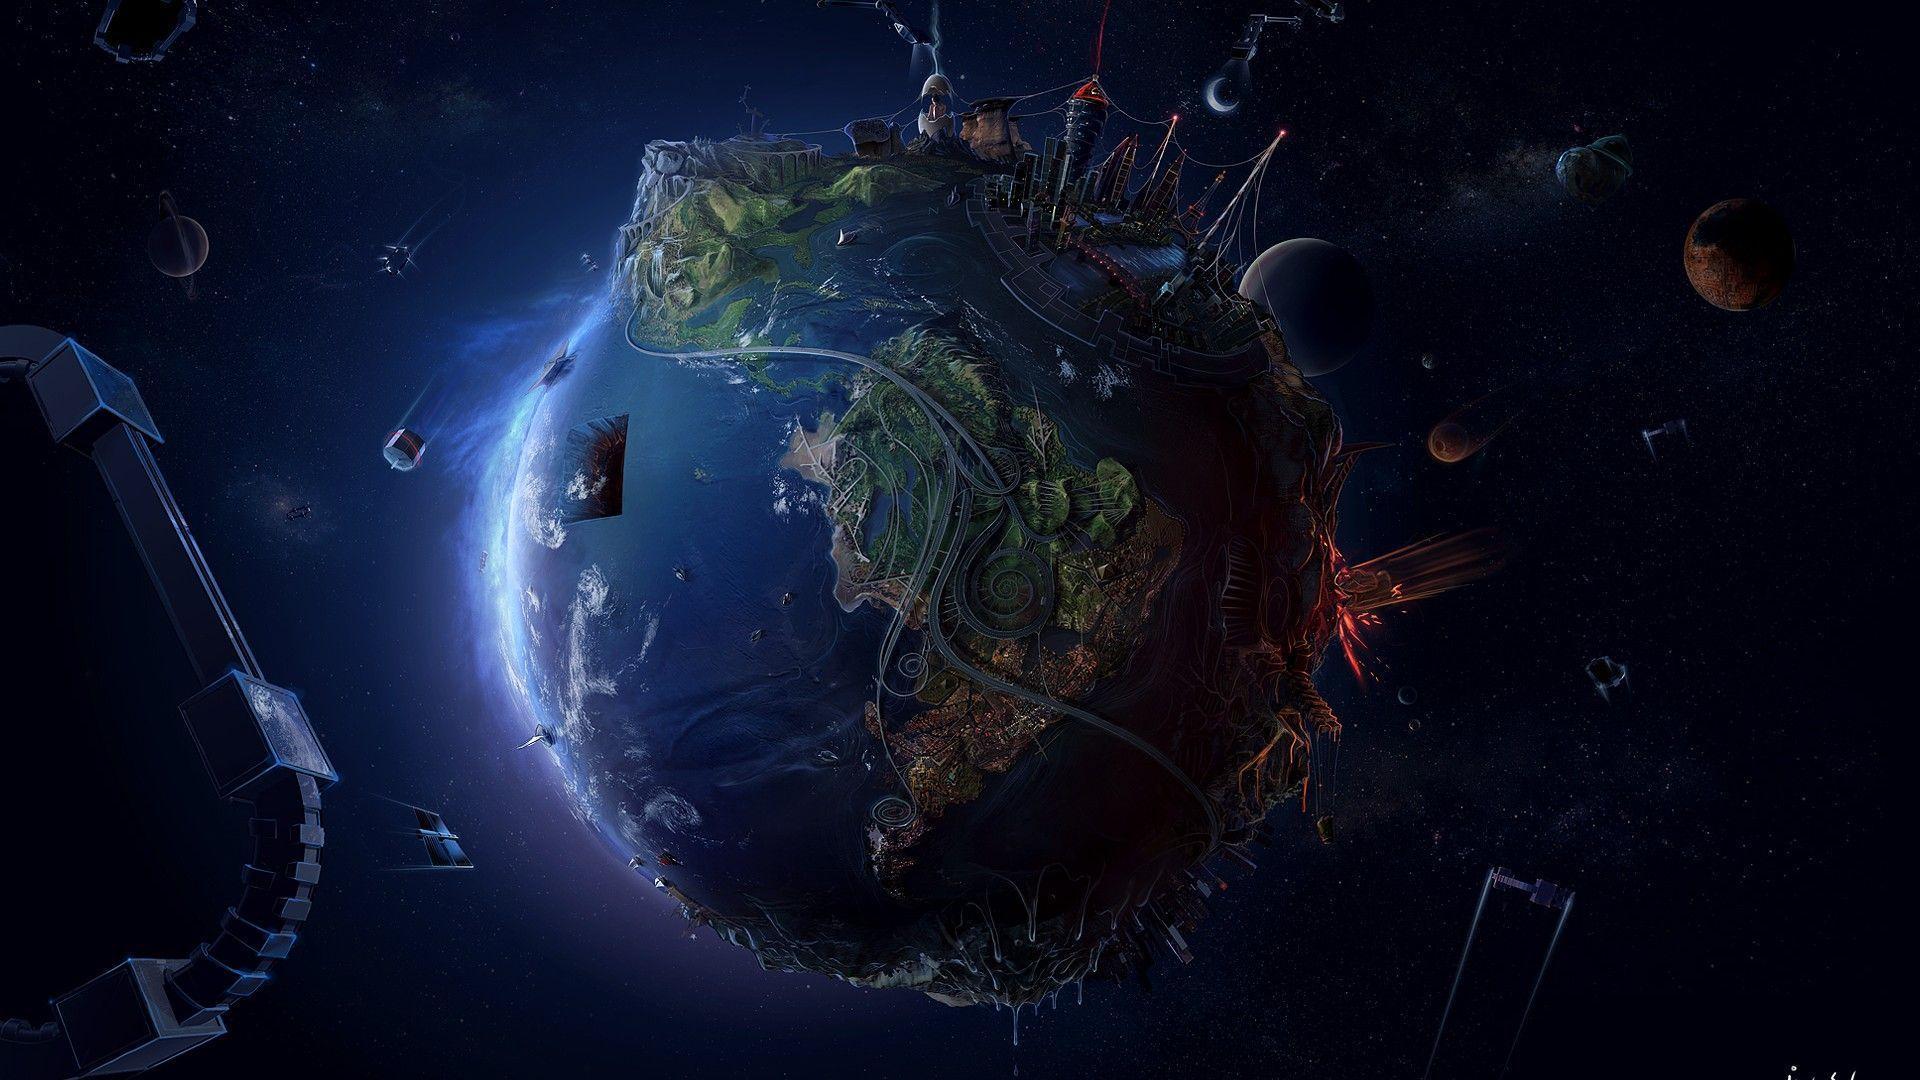 Alien world high res wallpaper - HD Wallpapers